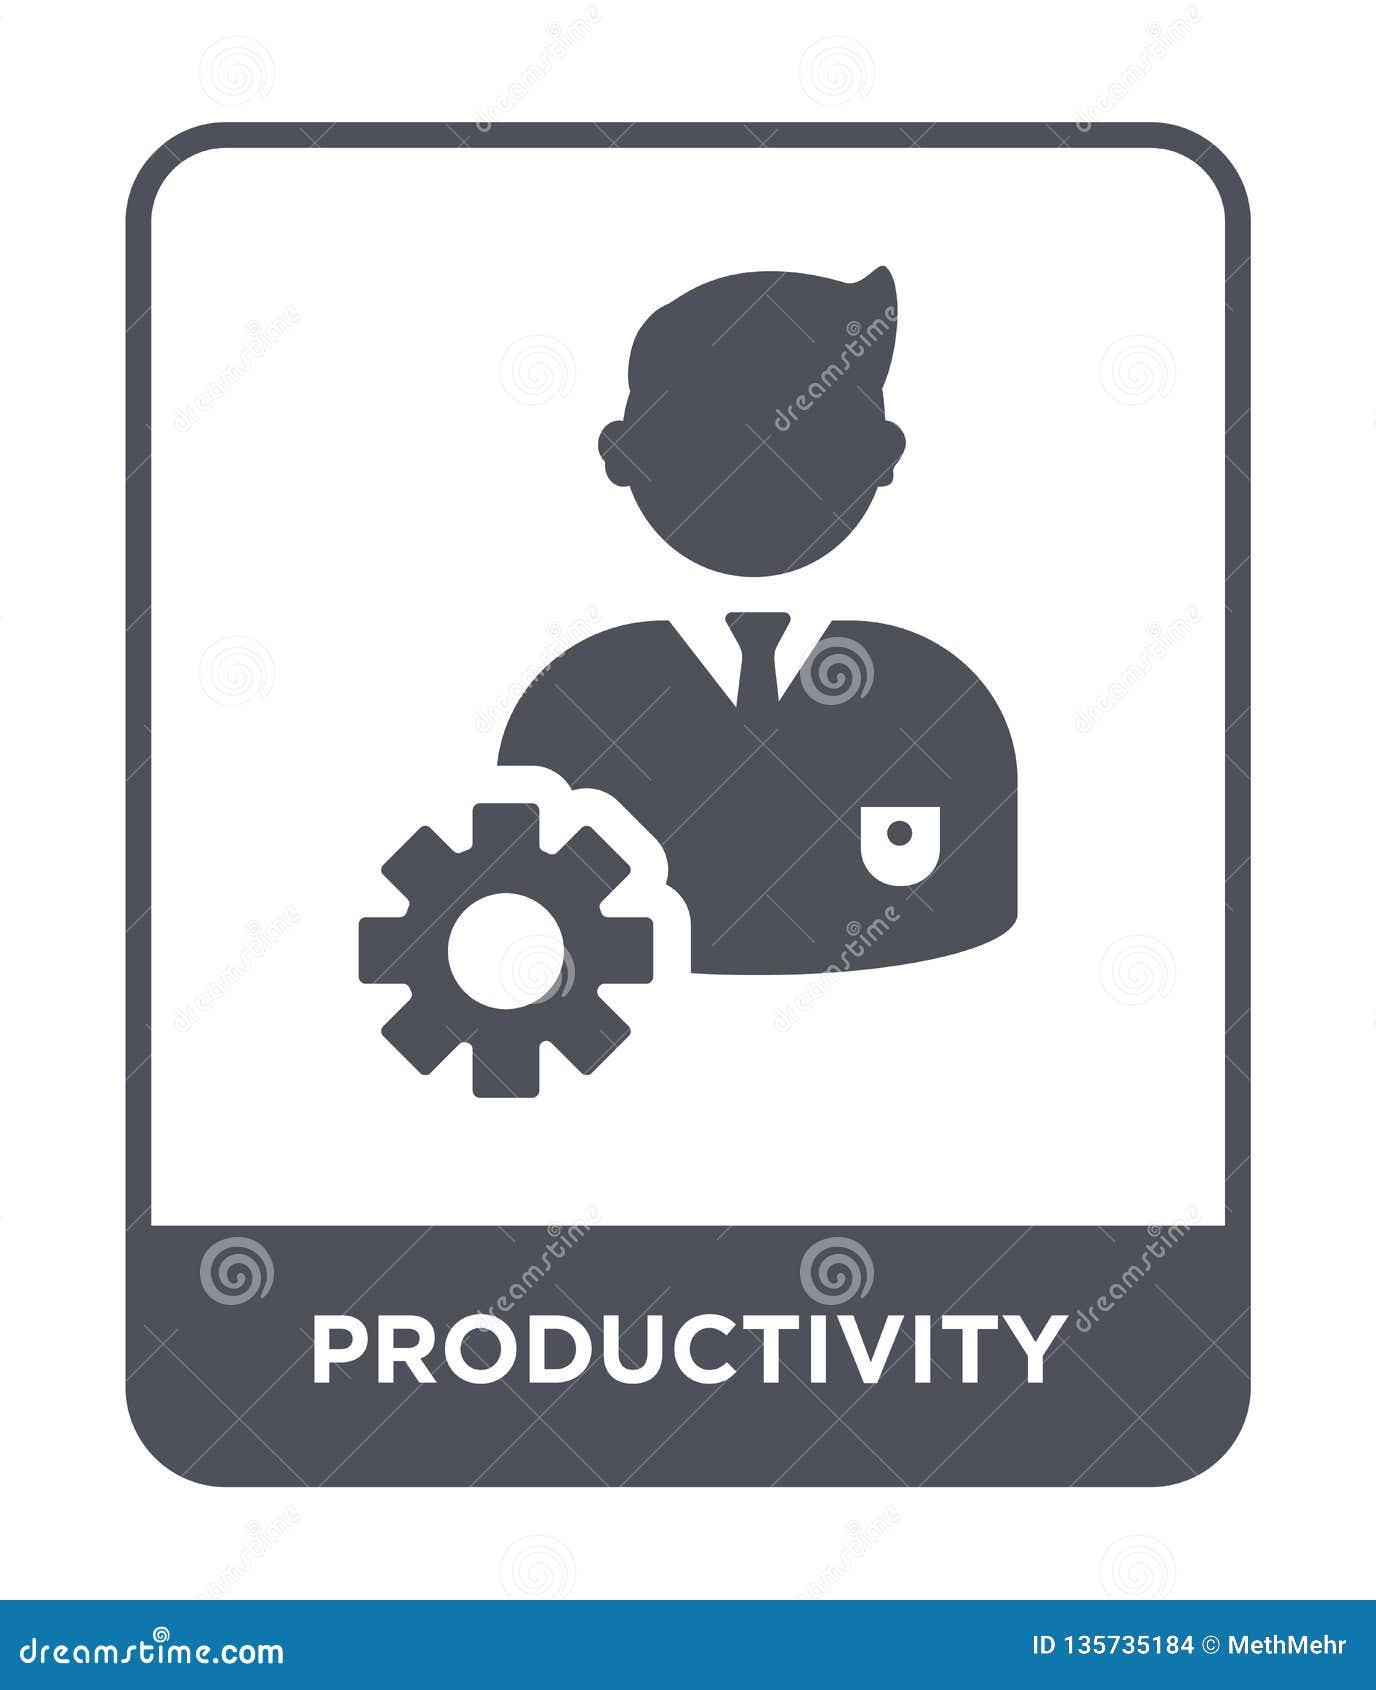 Produktivitetssymbol i moderiktig designstil produktivitetssymbol som isoleras på vit bakgrund enkel produktivitetsvektorsymbol o